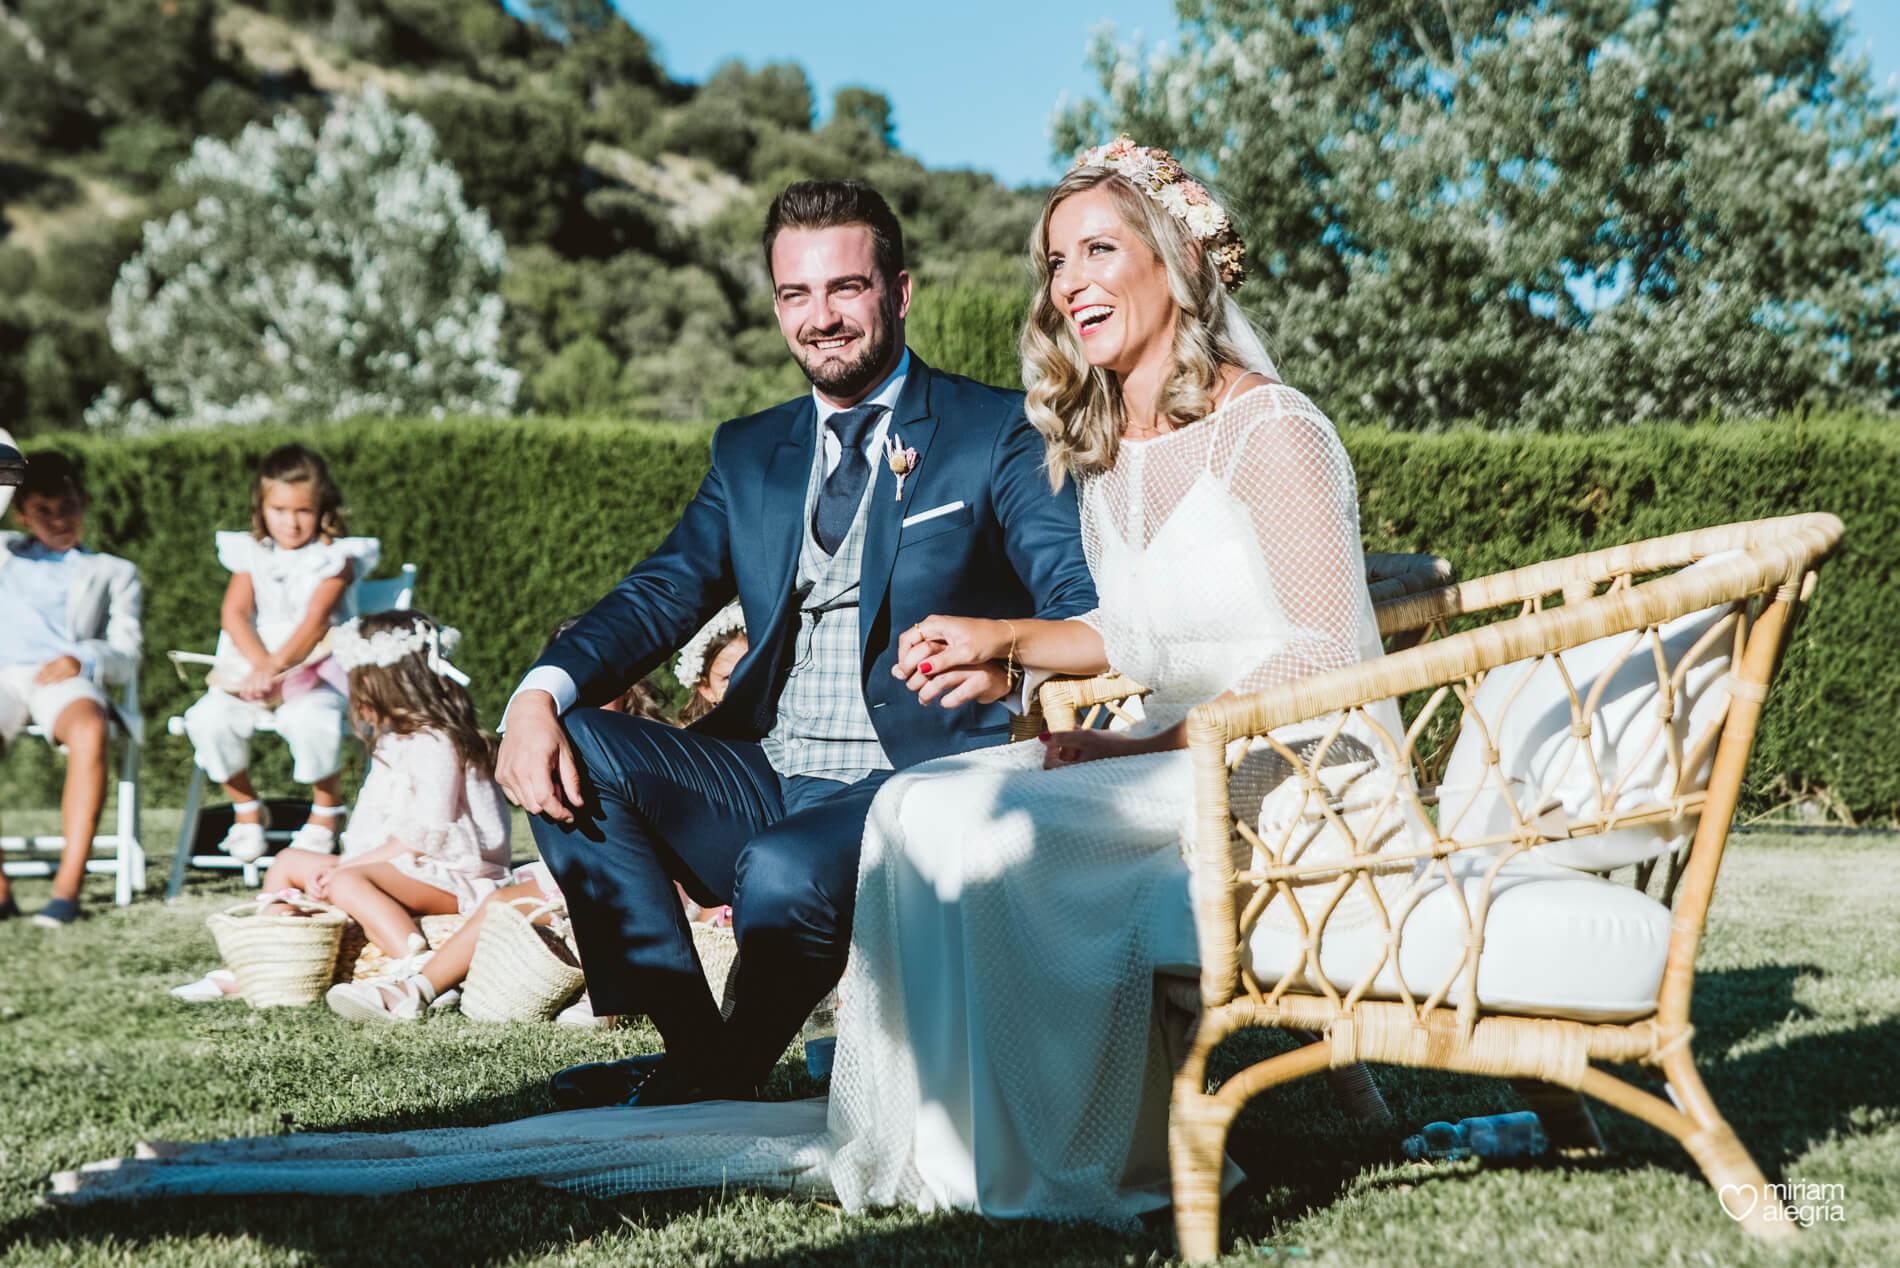 boda-en-collados-miriam-alegria-cayetana-ferrer-54